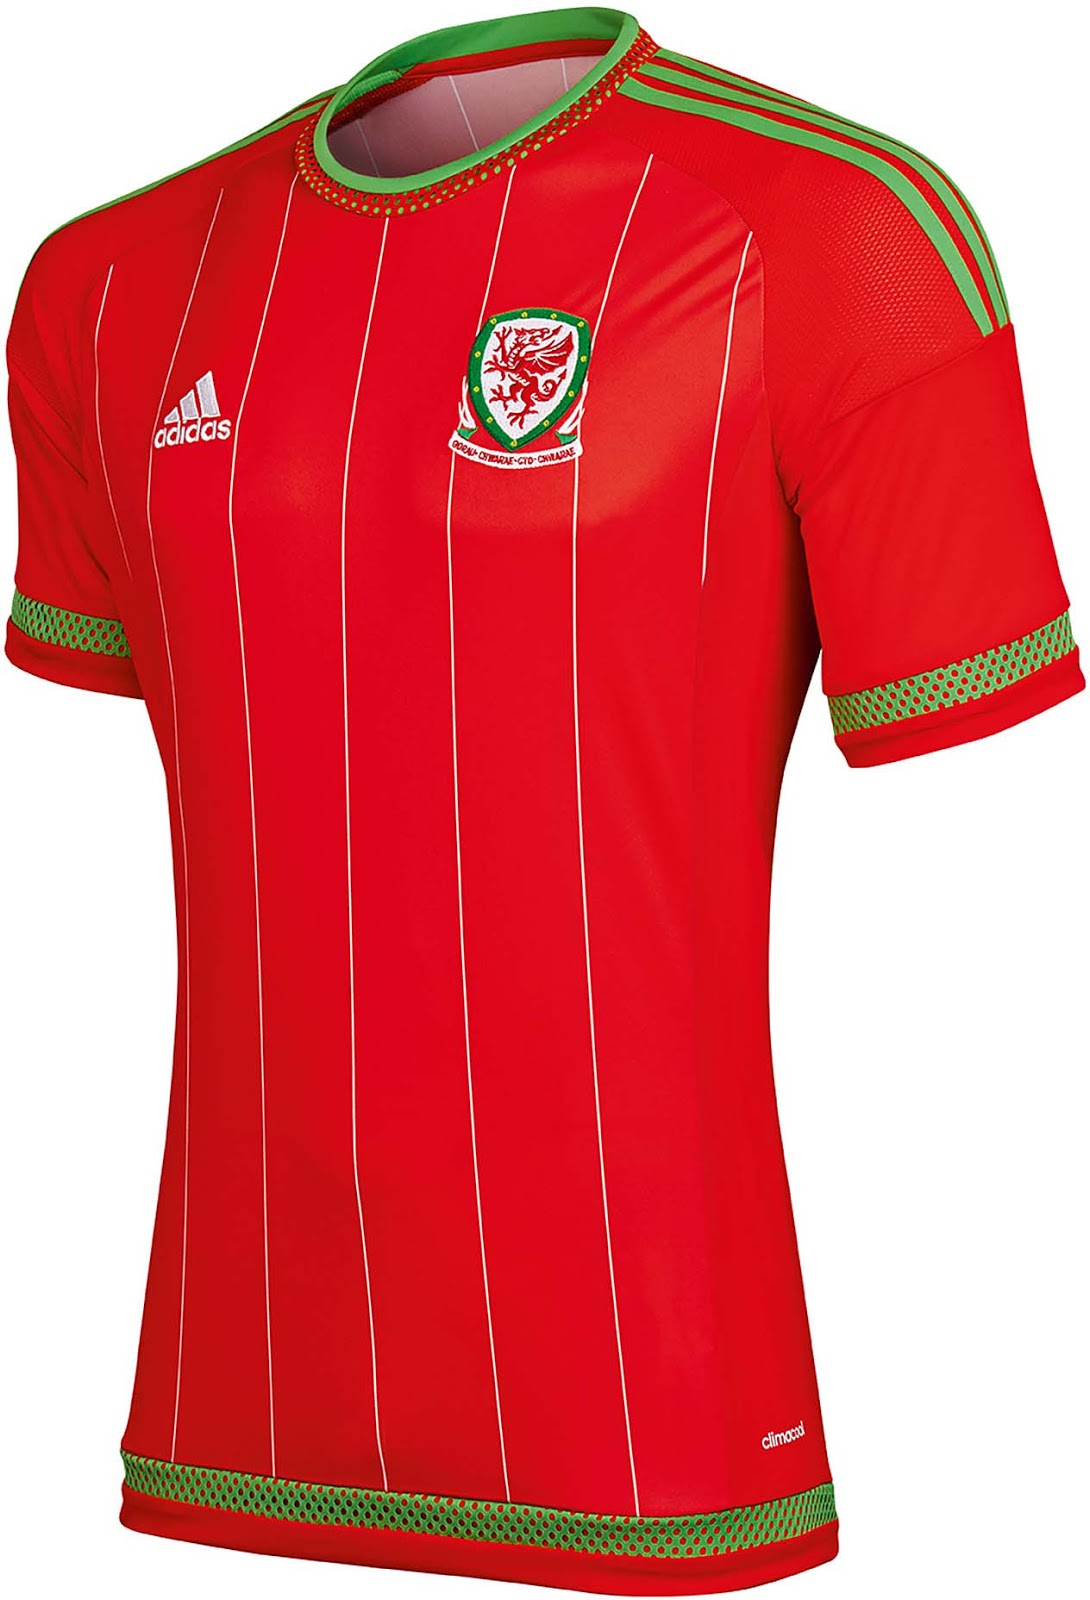 Wales-2015-Home-Kit-1.jpg